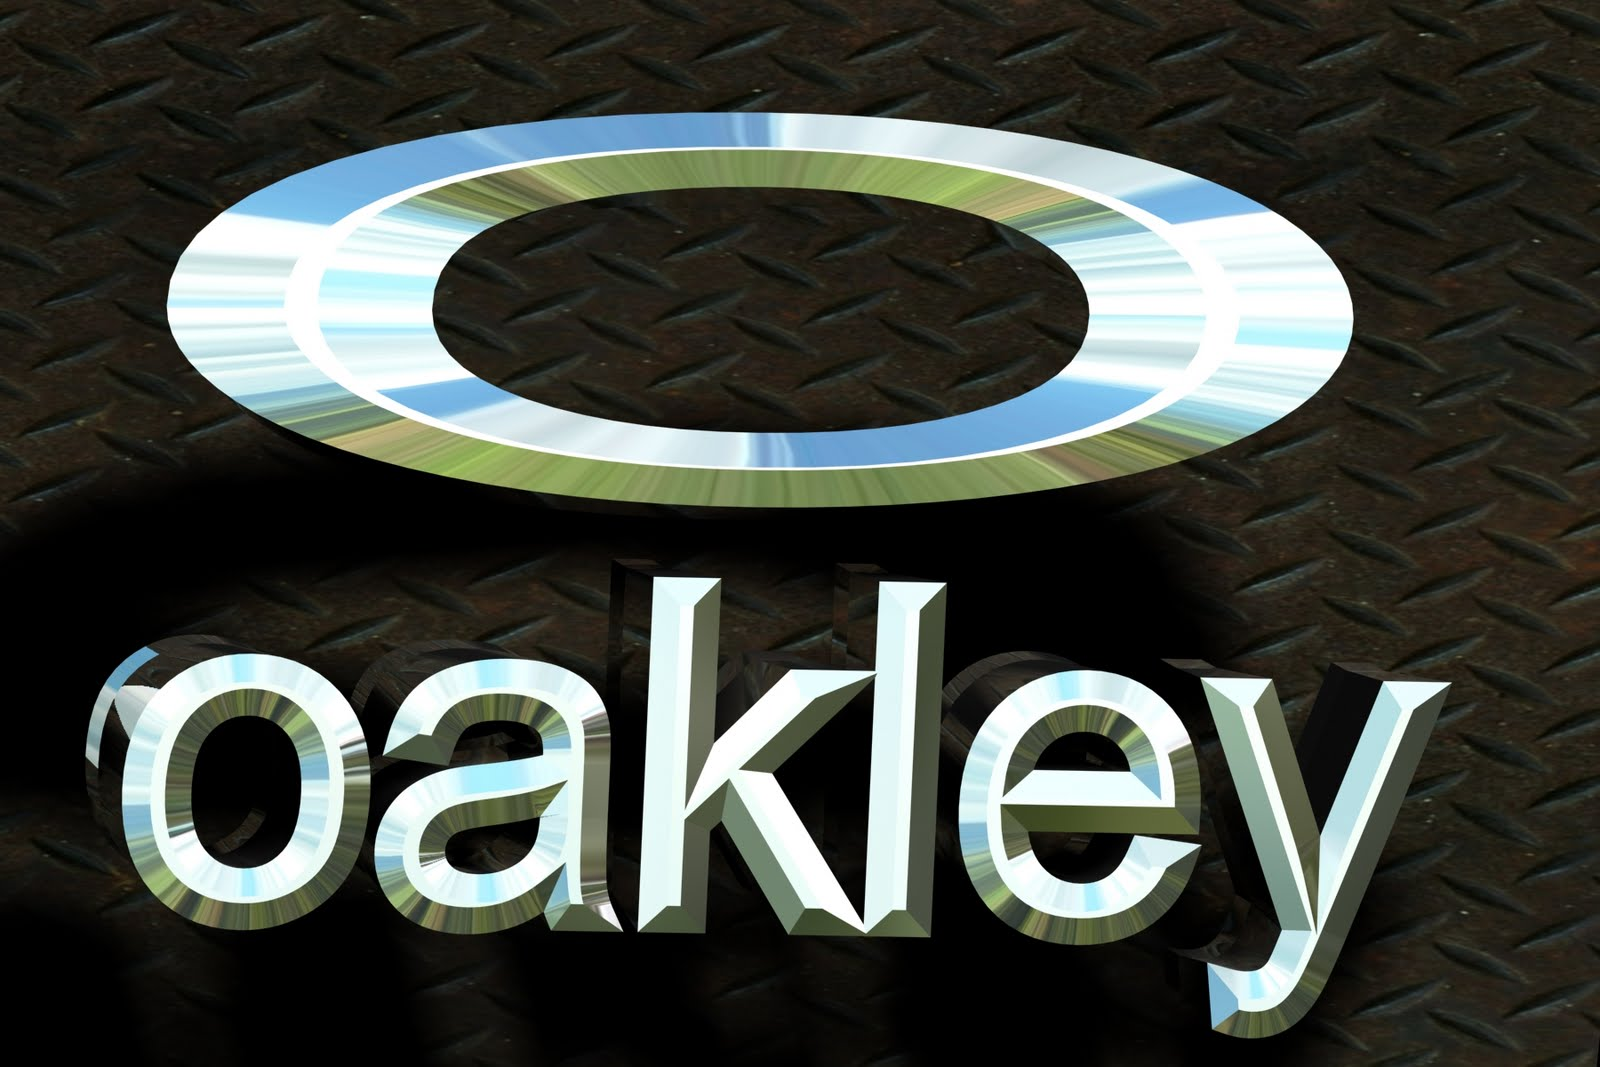 Kane blog picz marc ecko wallpaper - Oakley wallpaper ...